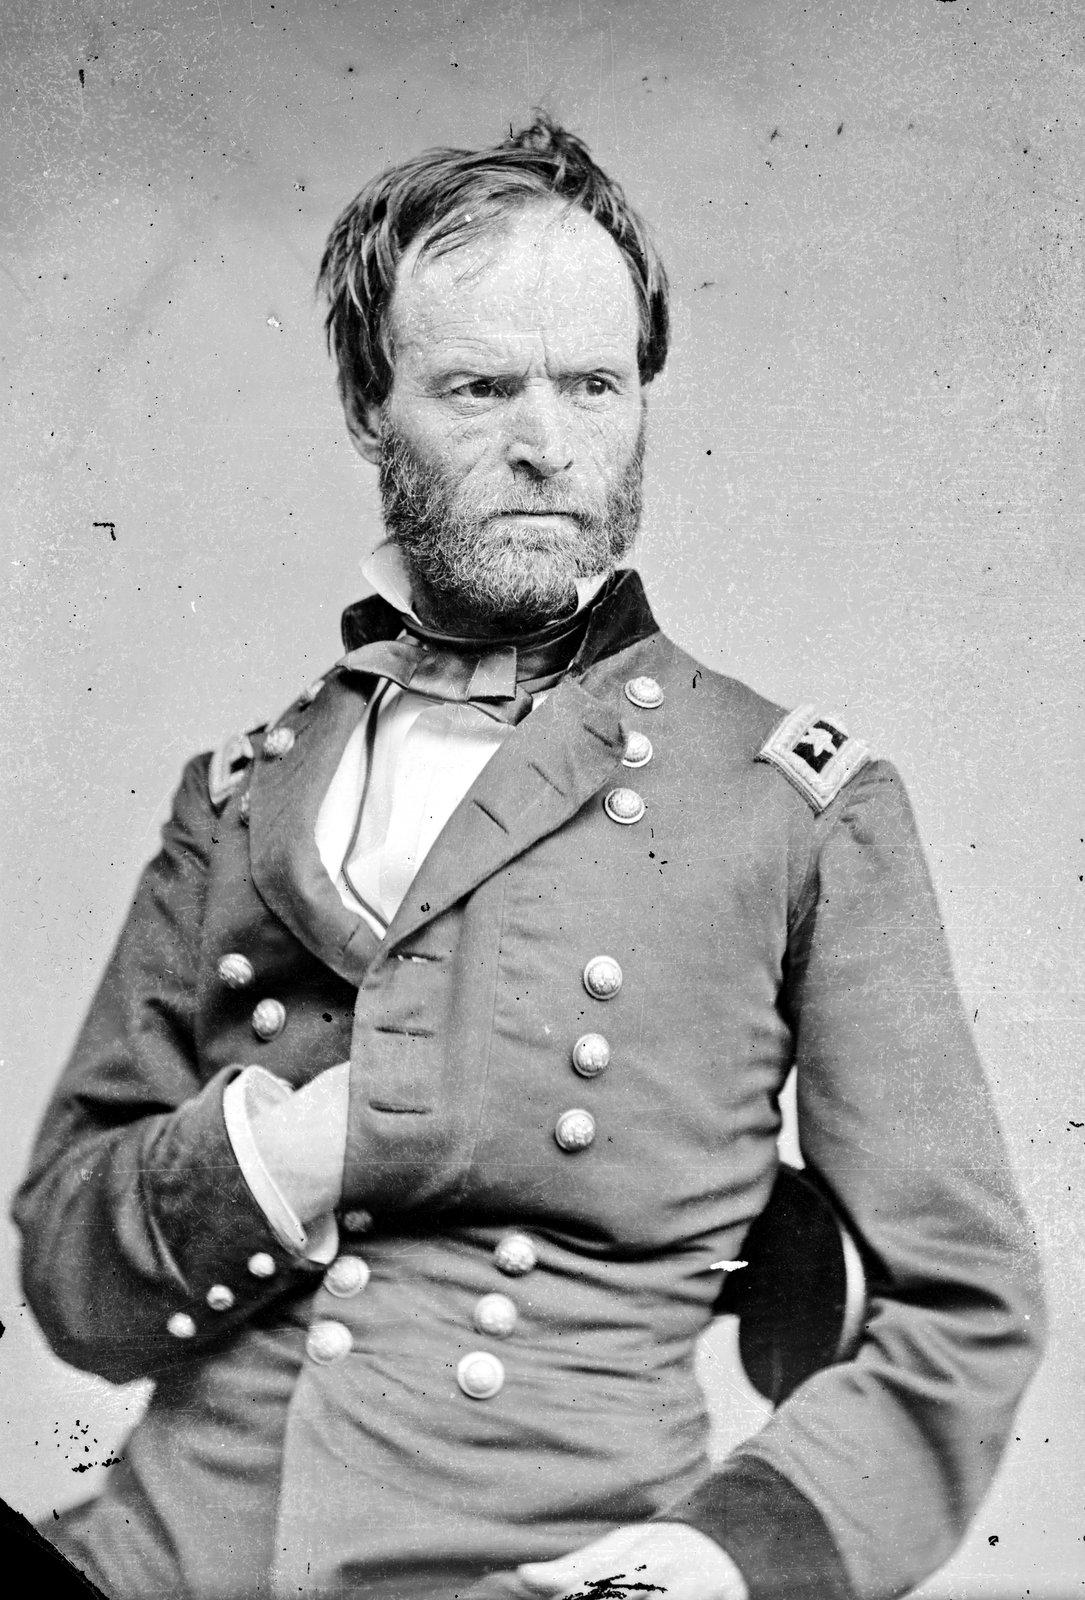 Gen. William Tecumseh Sherman portrait by Mathew Brady, c1864